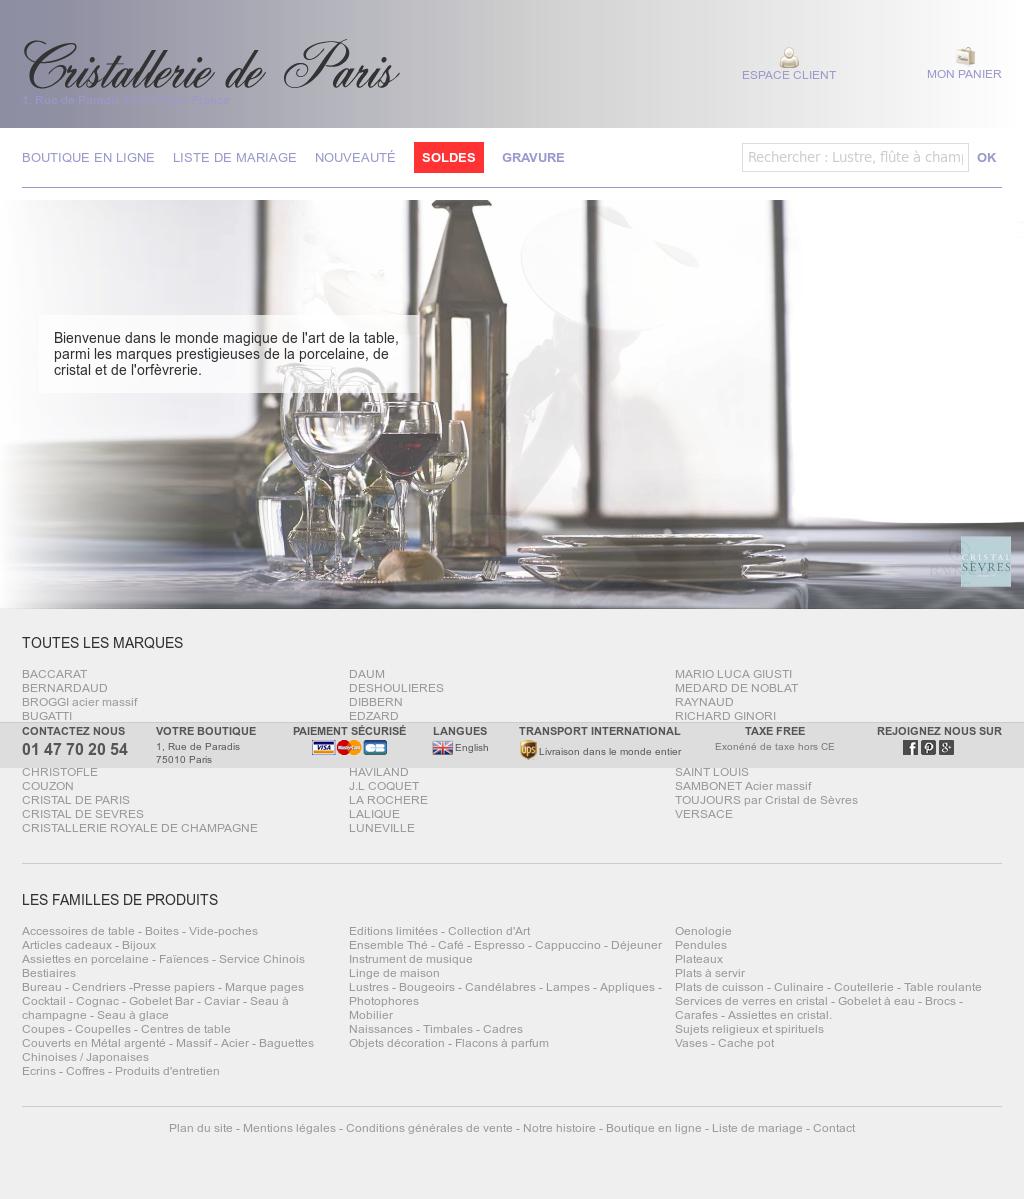 Cristallerie De Paris Competitors, Revenue and Employees